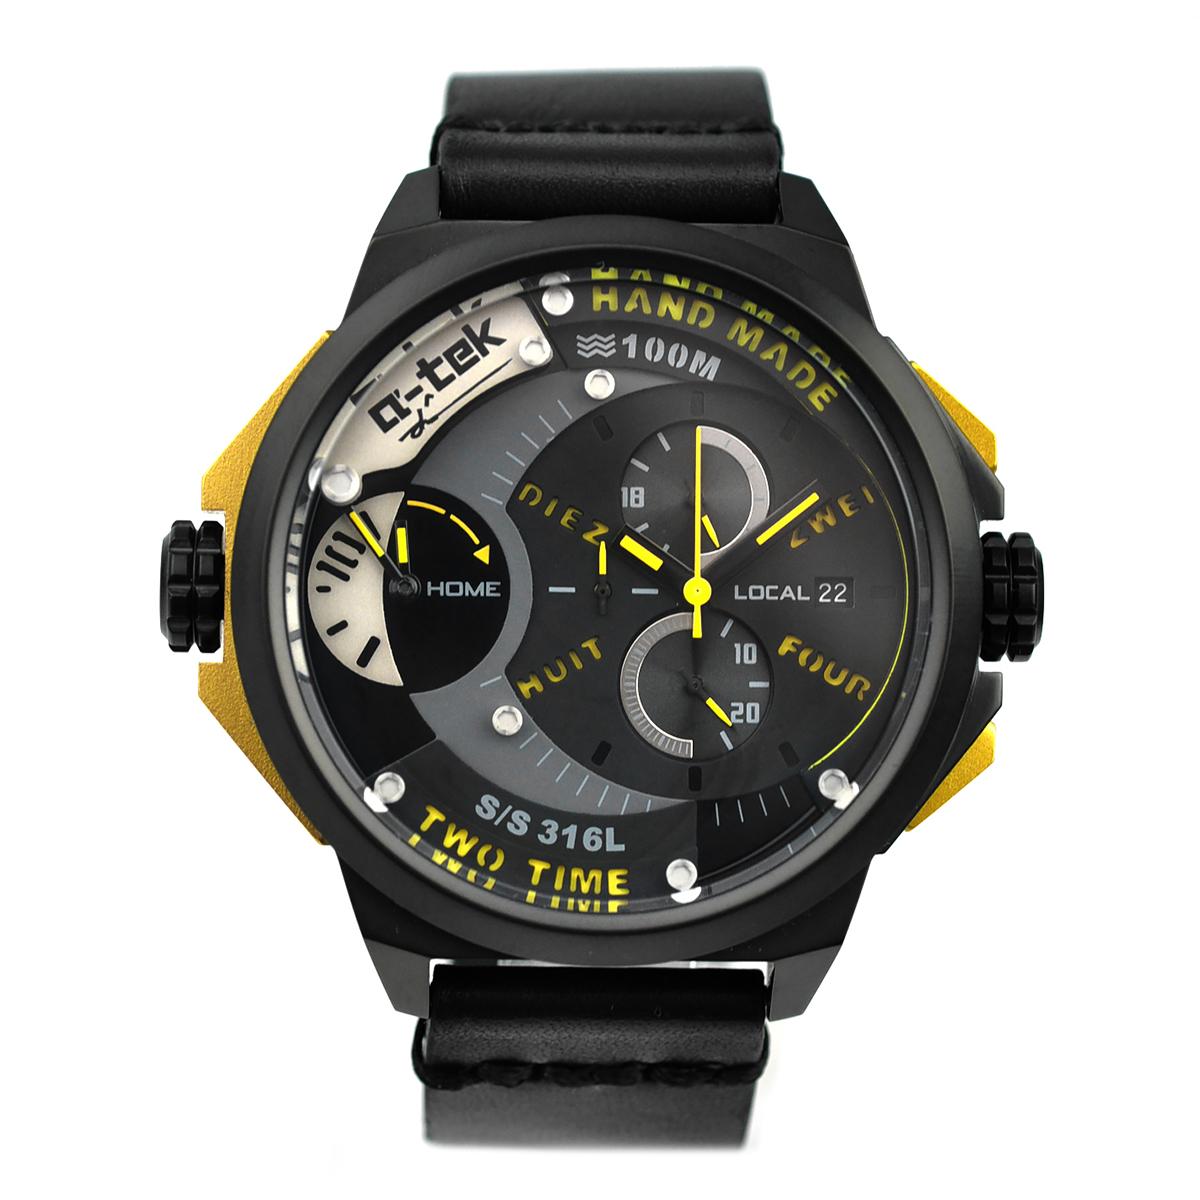 【残り1点】a-tek エイテック クォーツ 腕時計 メンズ ドイツ デザイナーズウォッチ [A1303L] 並行輸入品 メーカー保証12ヵ月 純正ケース付き